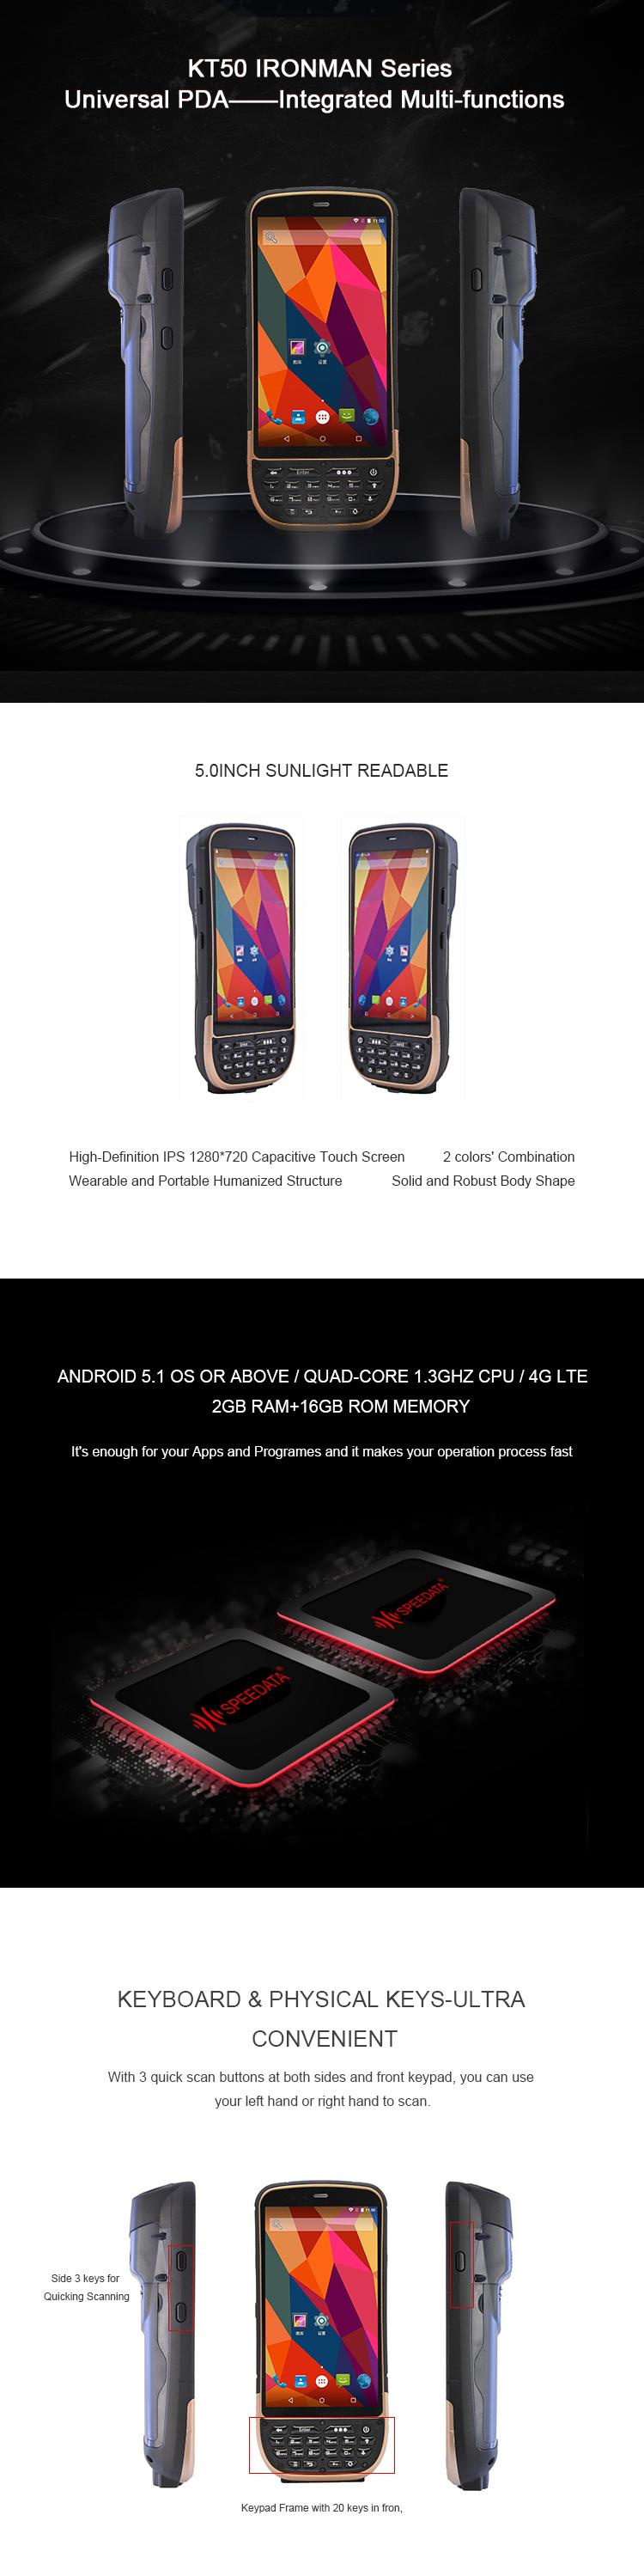 โทรศัพท์มือถือคอมพิวเตอร์ทนทานแบบใช้มือถือ Android Pda